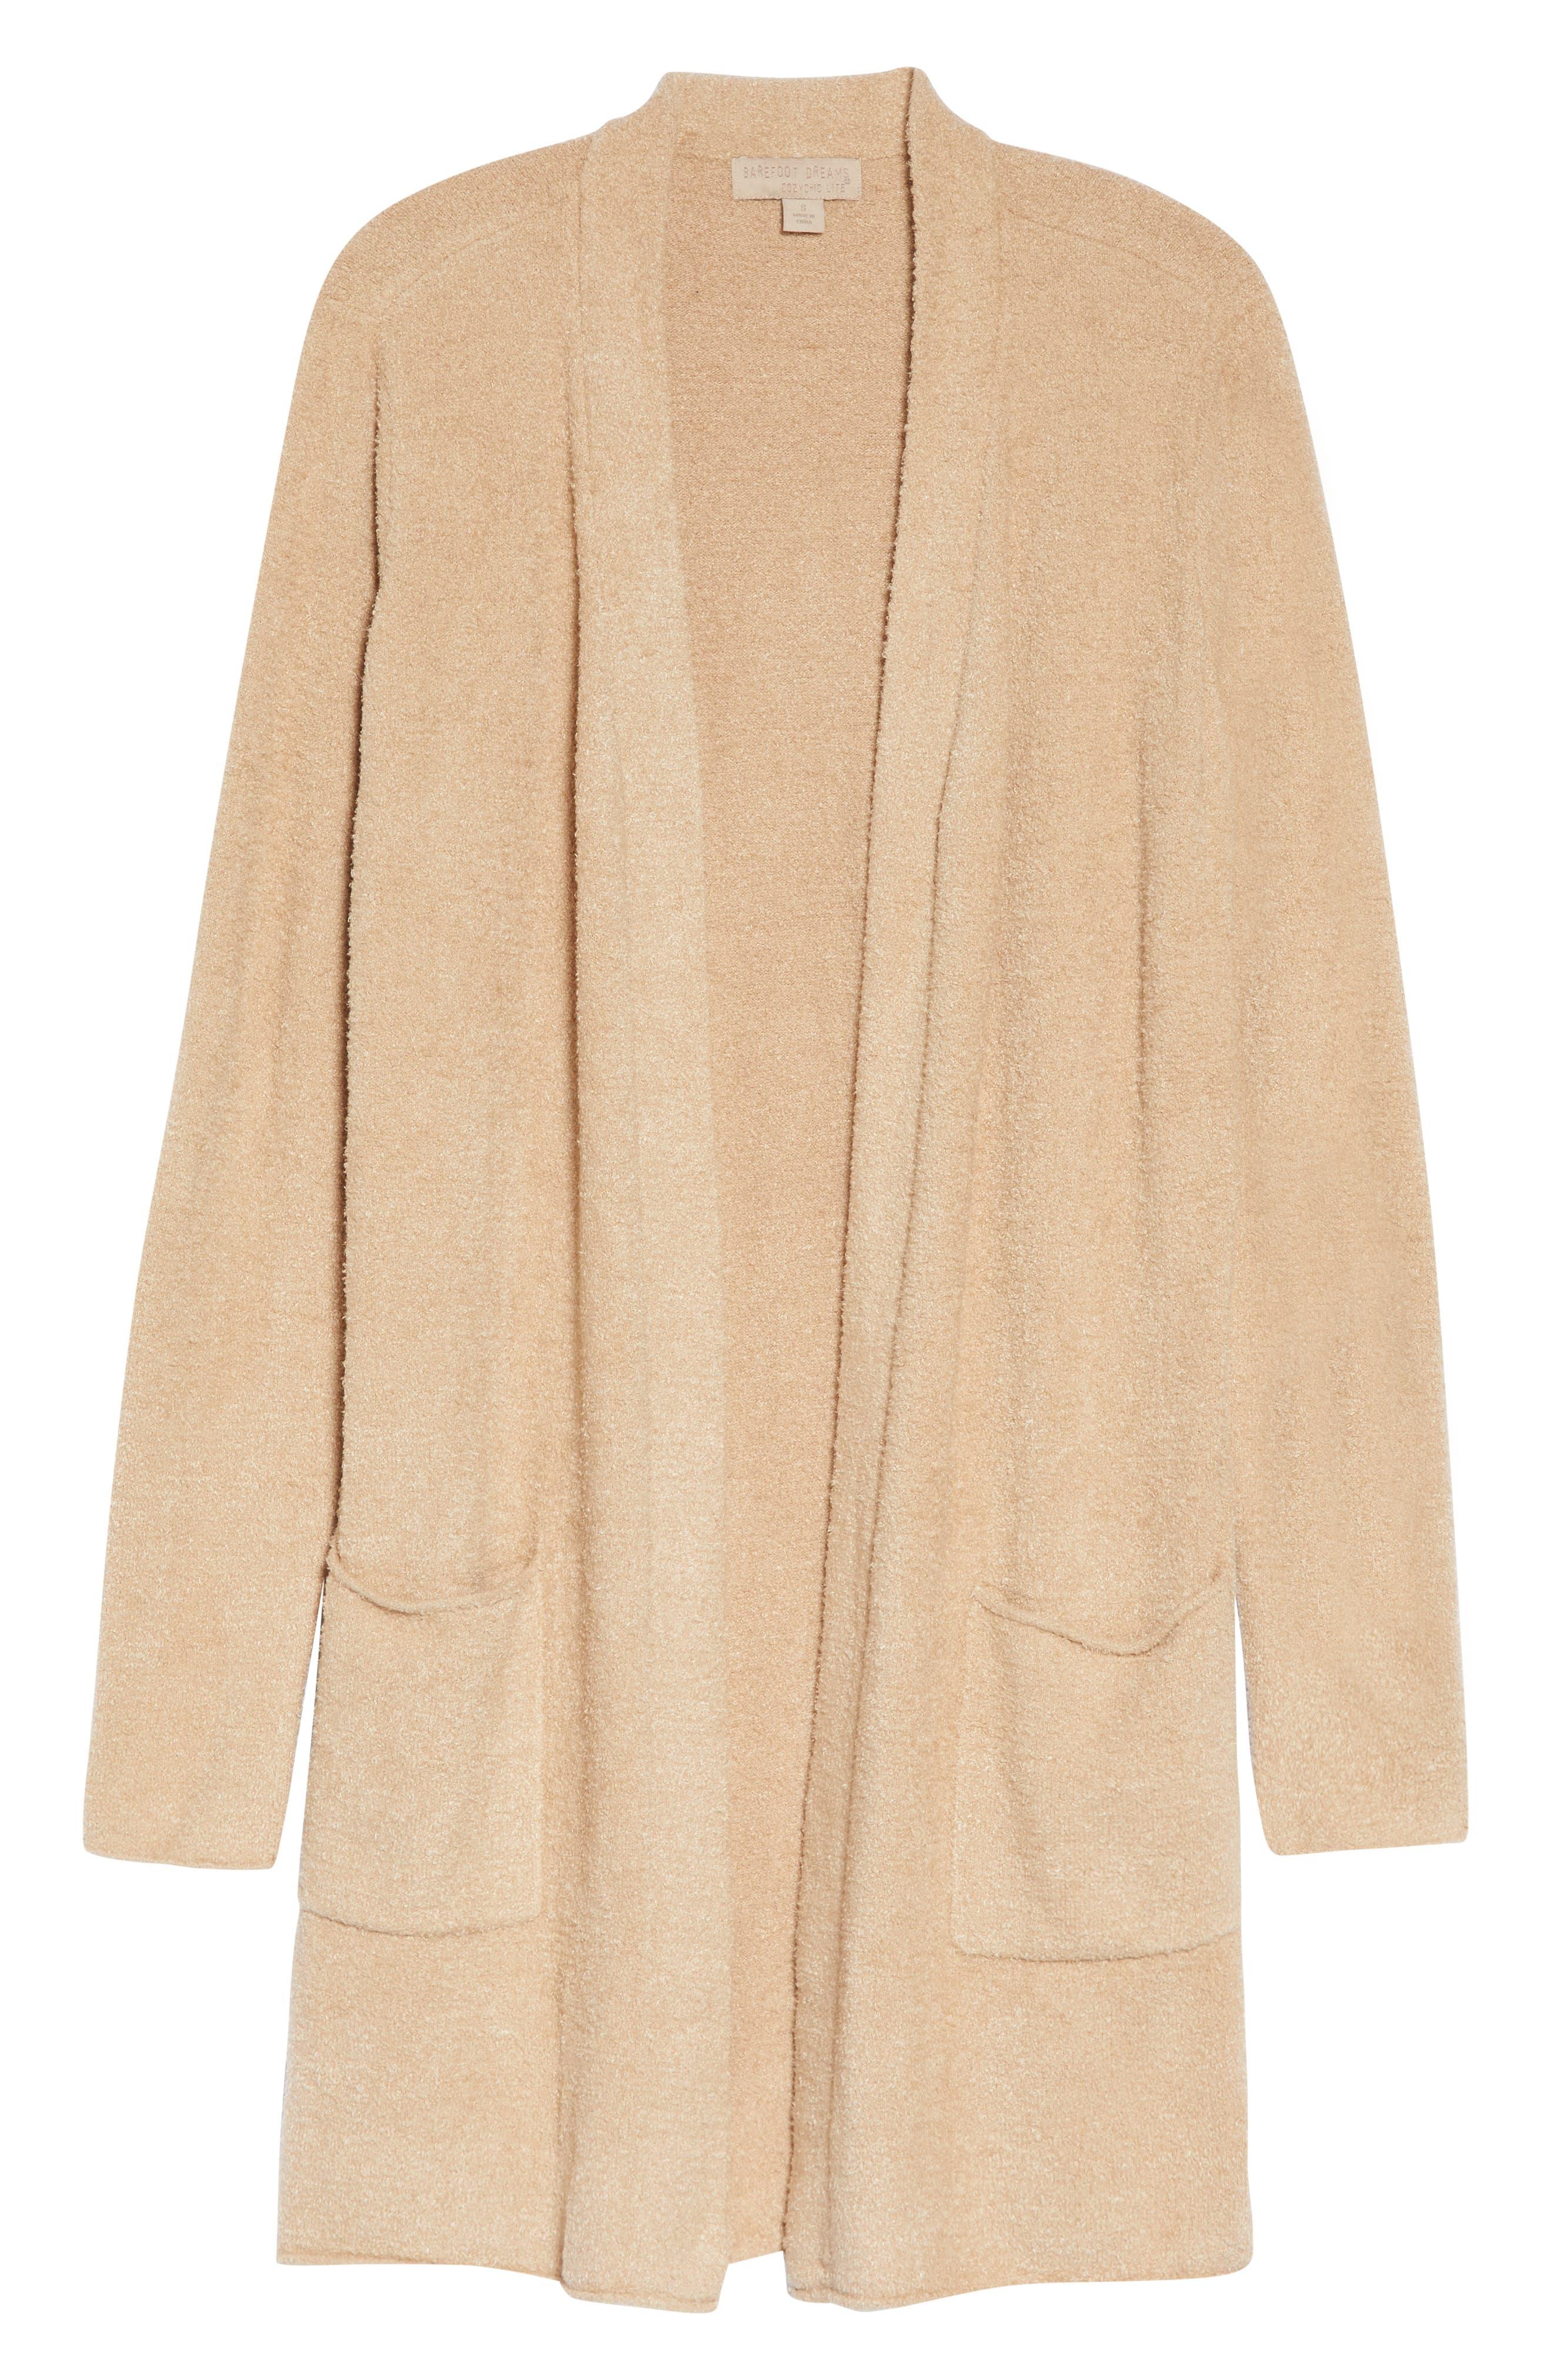 Women's Barefoot Dreams Cozychic Lite Long Cardigan